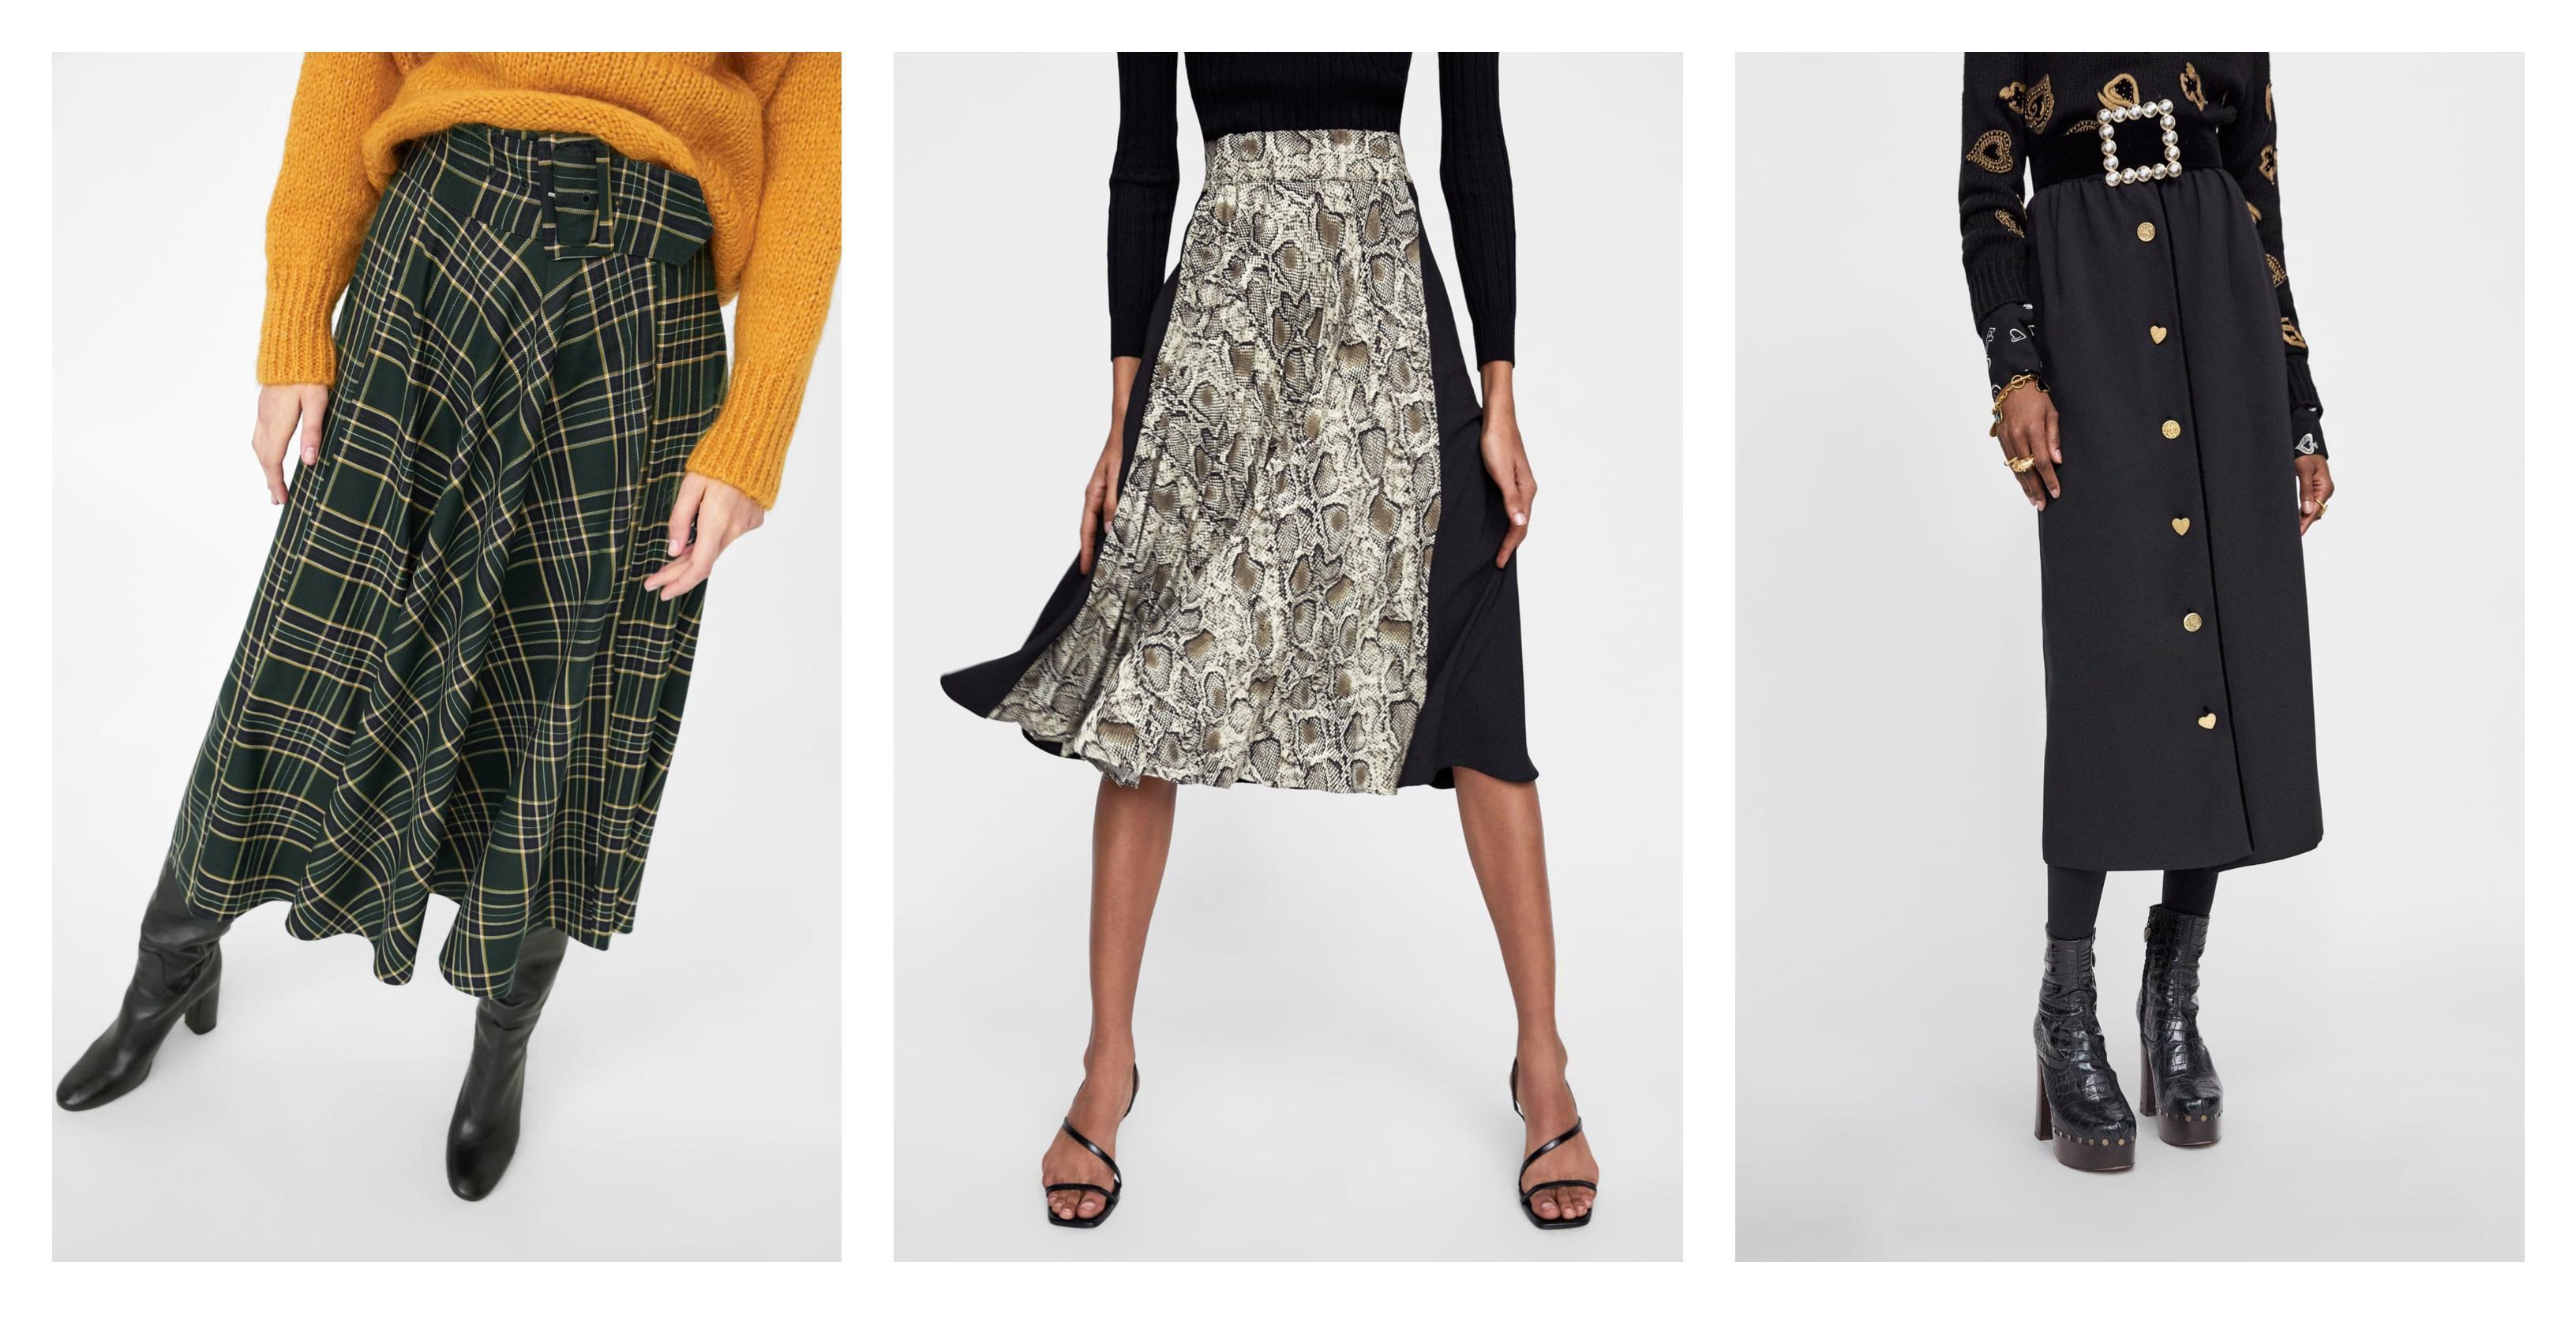 Midi suknje nisu svima po ukusu, no bit će hit i ove jeseni - izabrali smo najljepše modele iz Zare